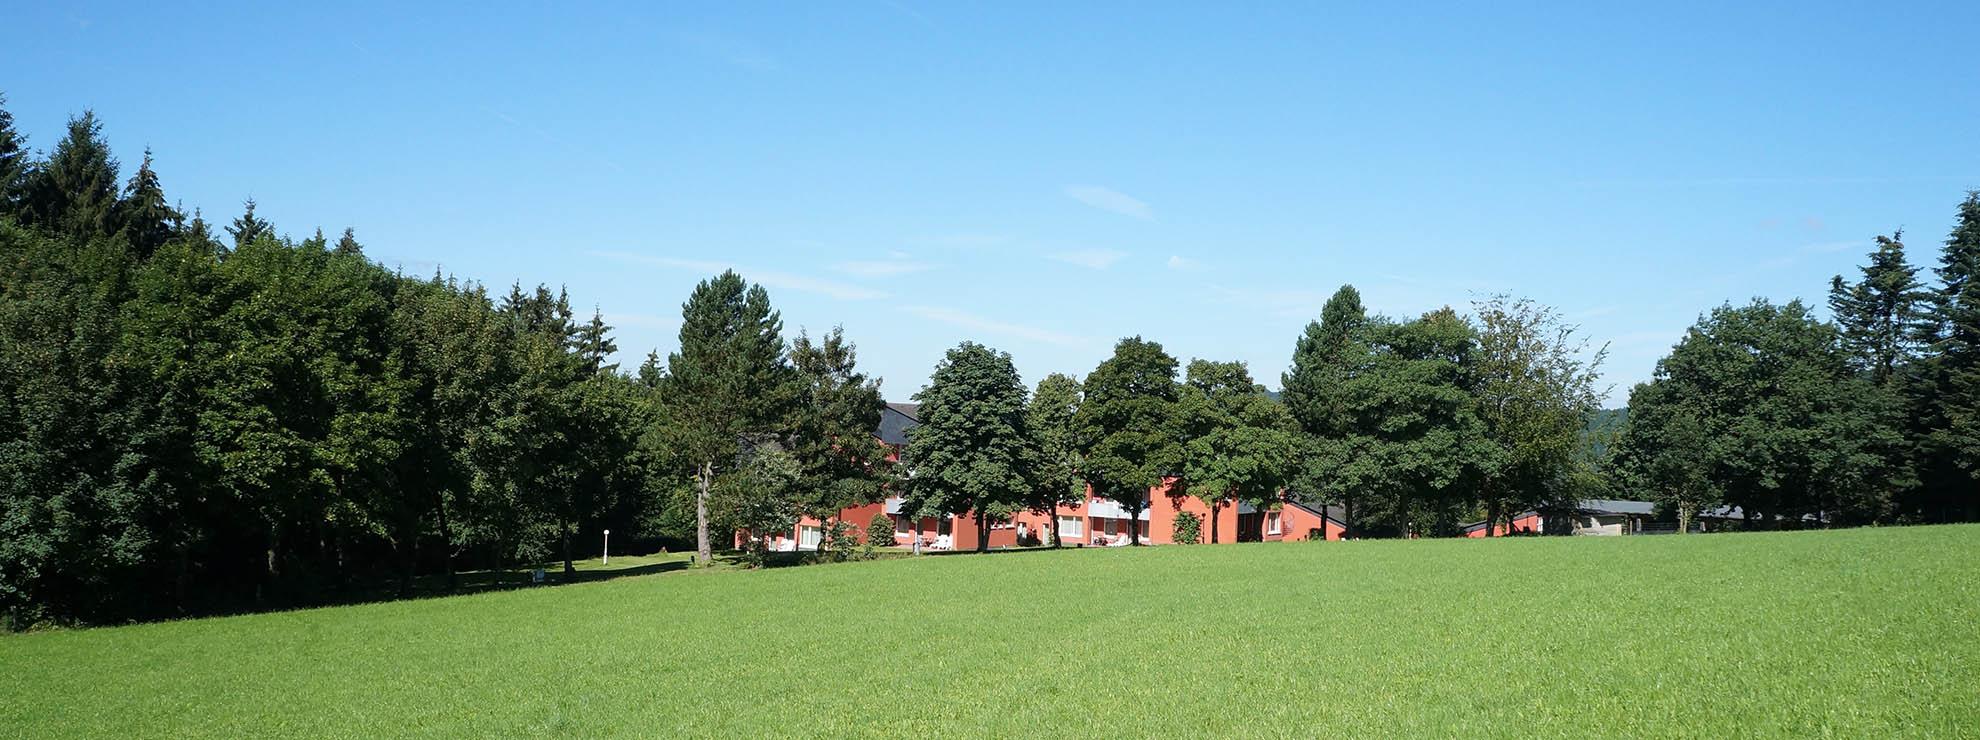 Unser 3-Sterne Hotel im Sauerland ist ideal für den Wanderurlaub geeignet